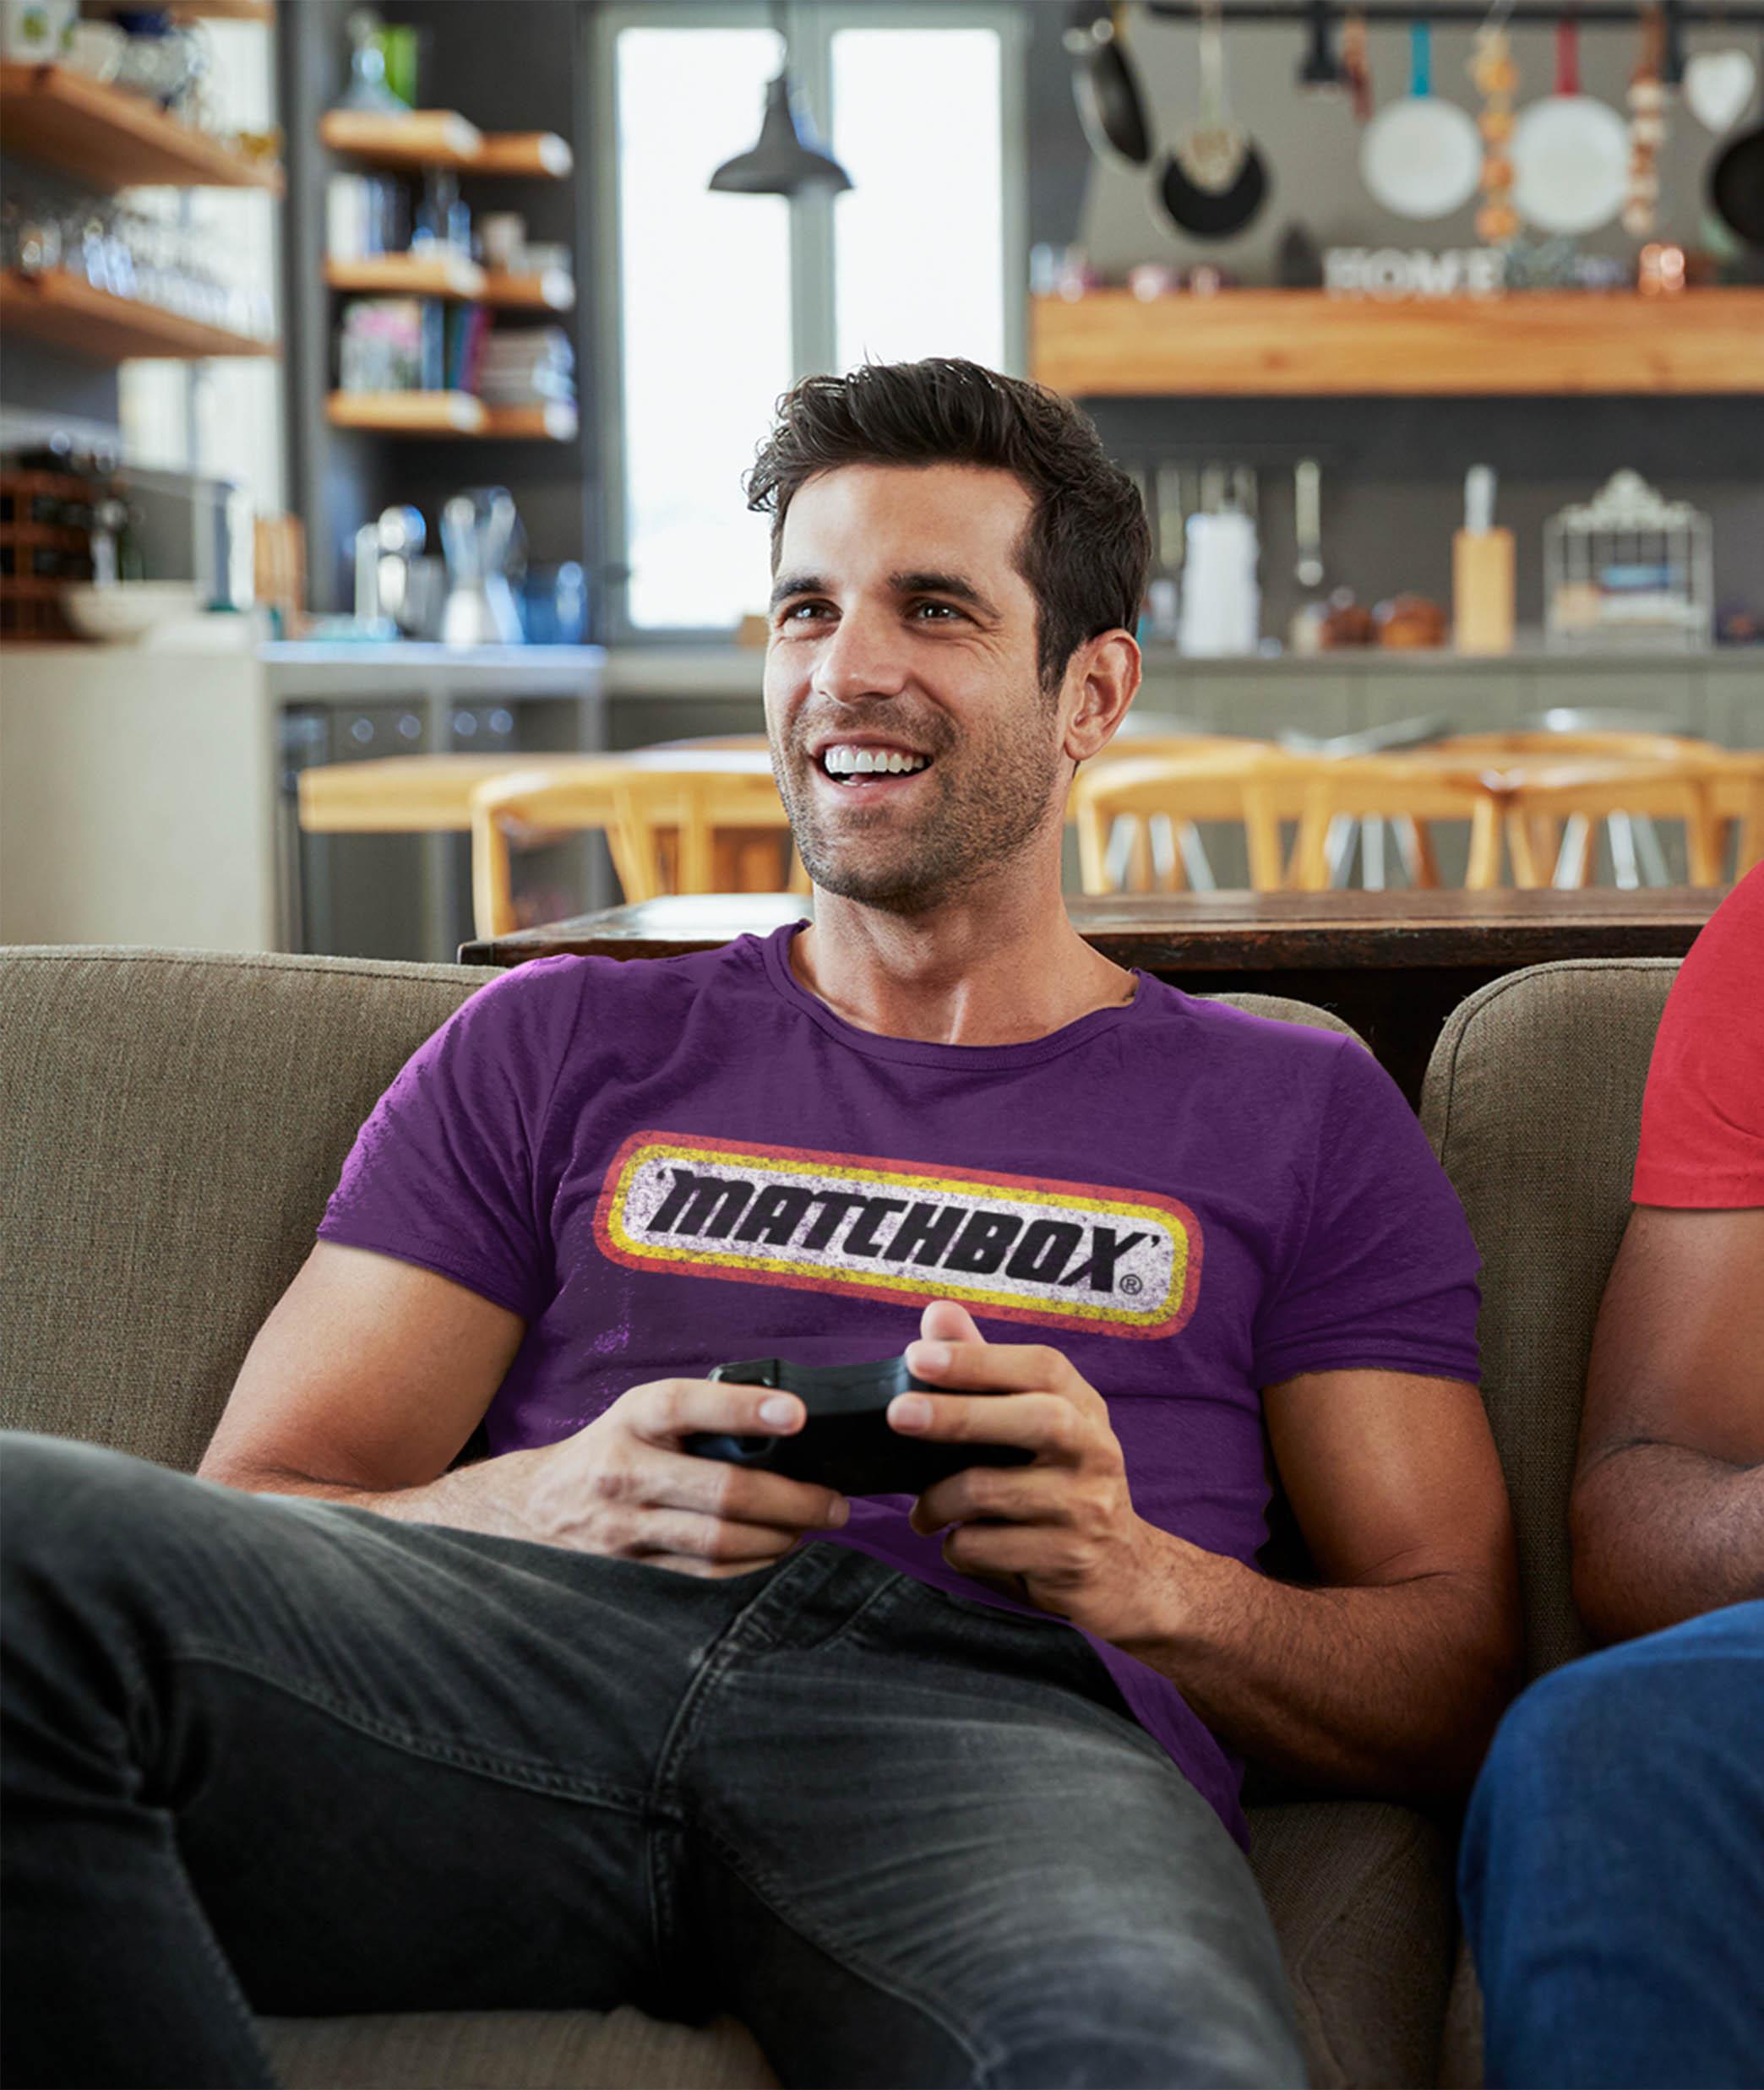 Man wearing purple Matchbox t-shirt playing computer game